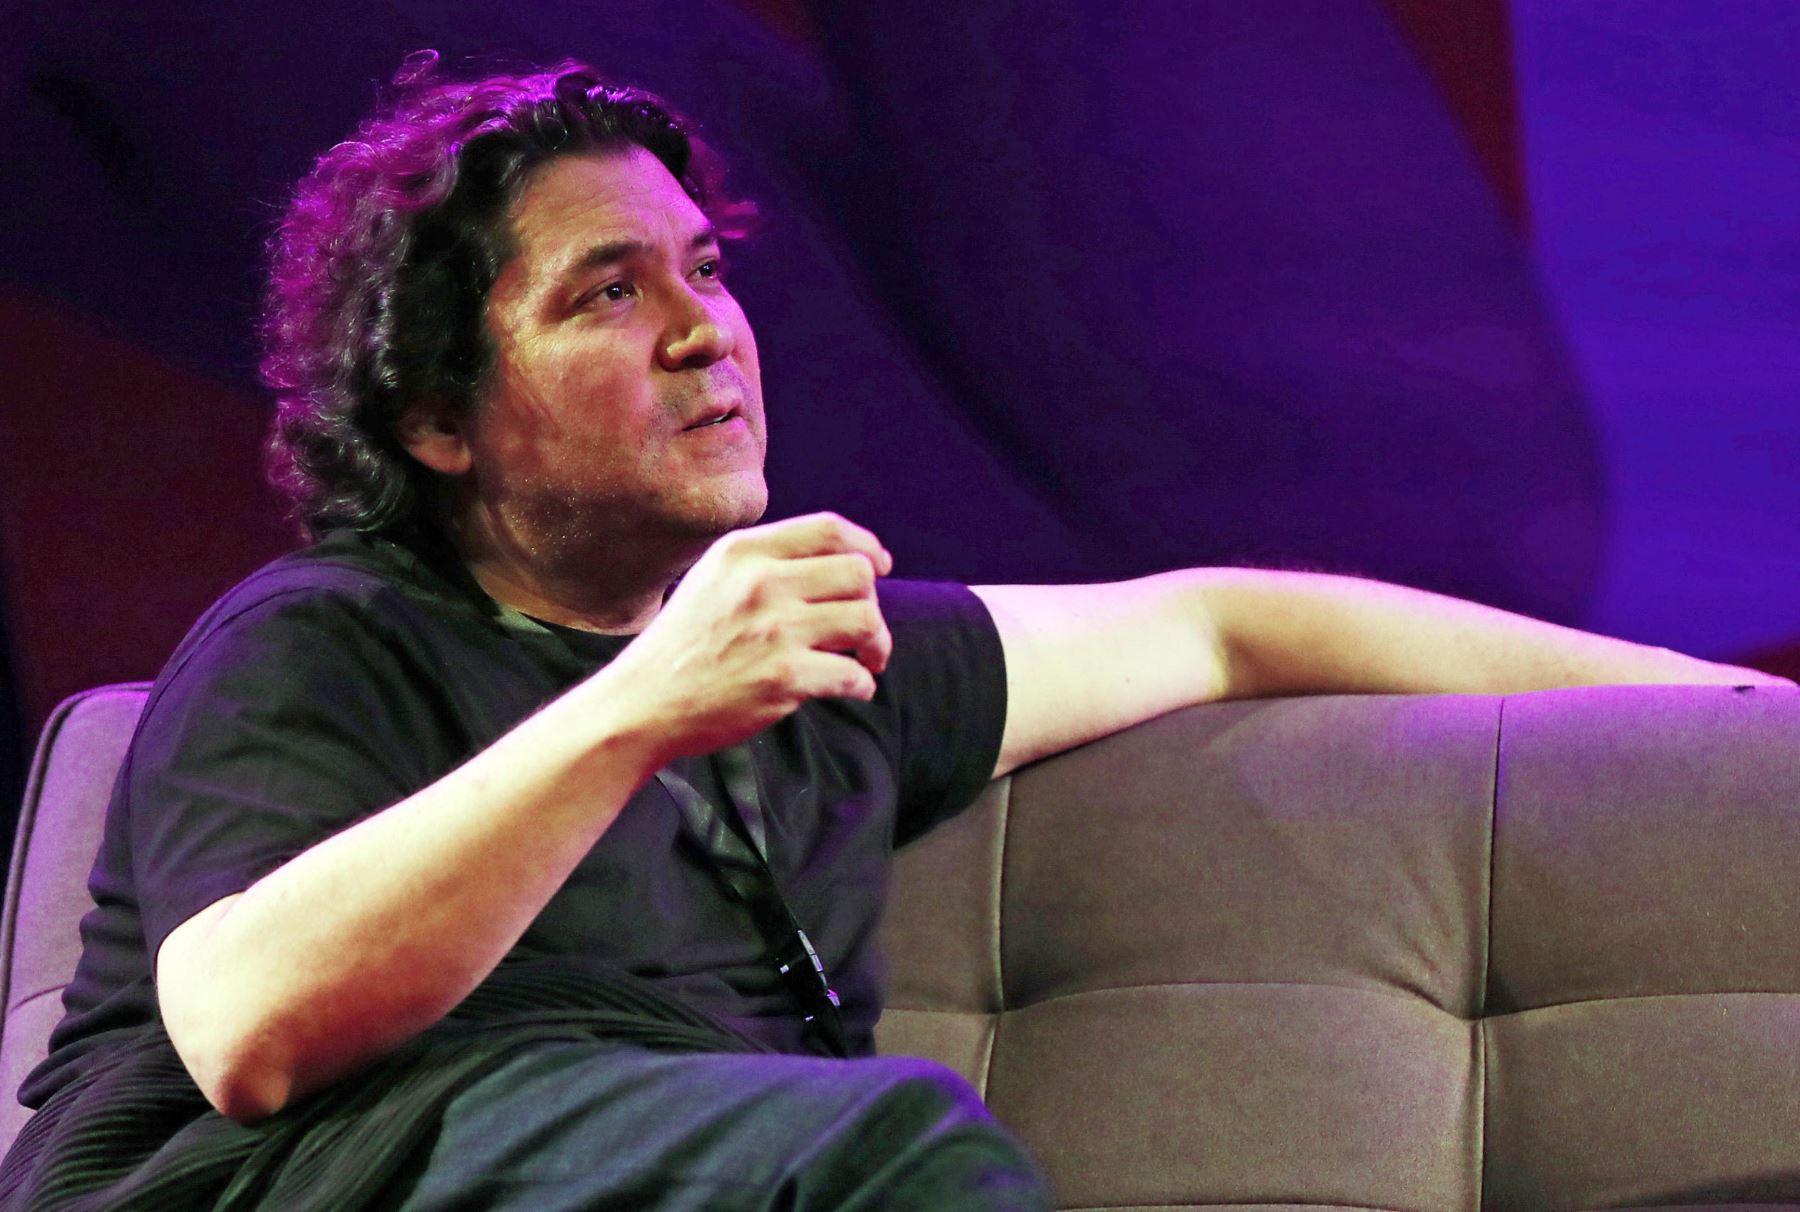 El cocinero y empresario peruano Gastón Acurio habla durante la Feria Internacional del Libro de Santiago en Chile. Foto: EFE